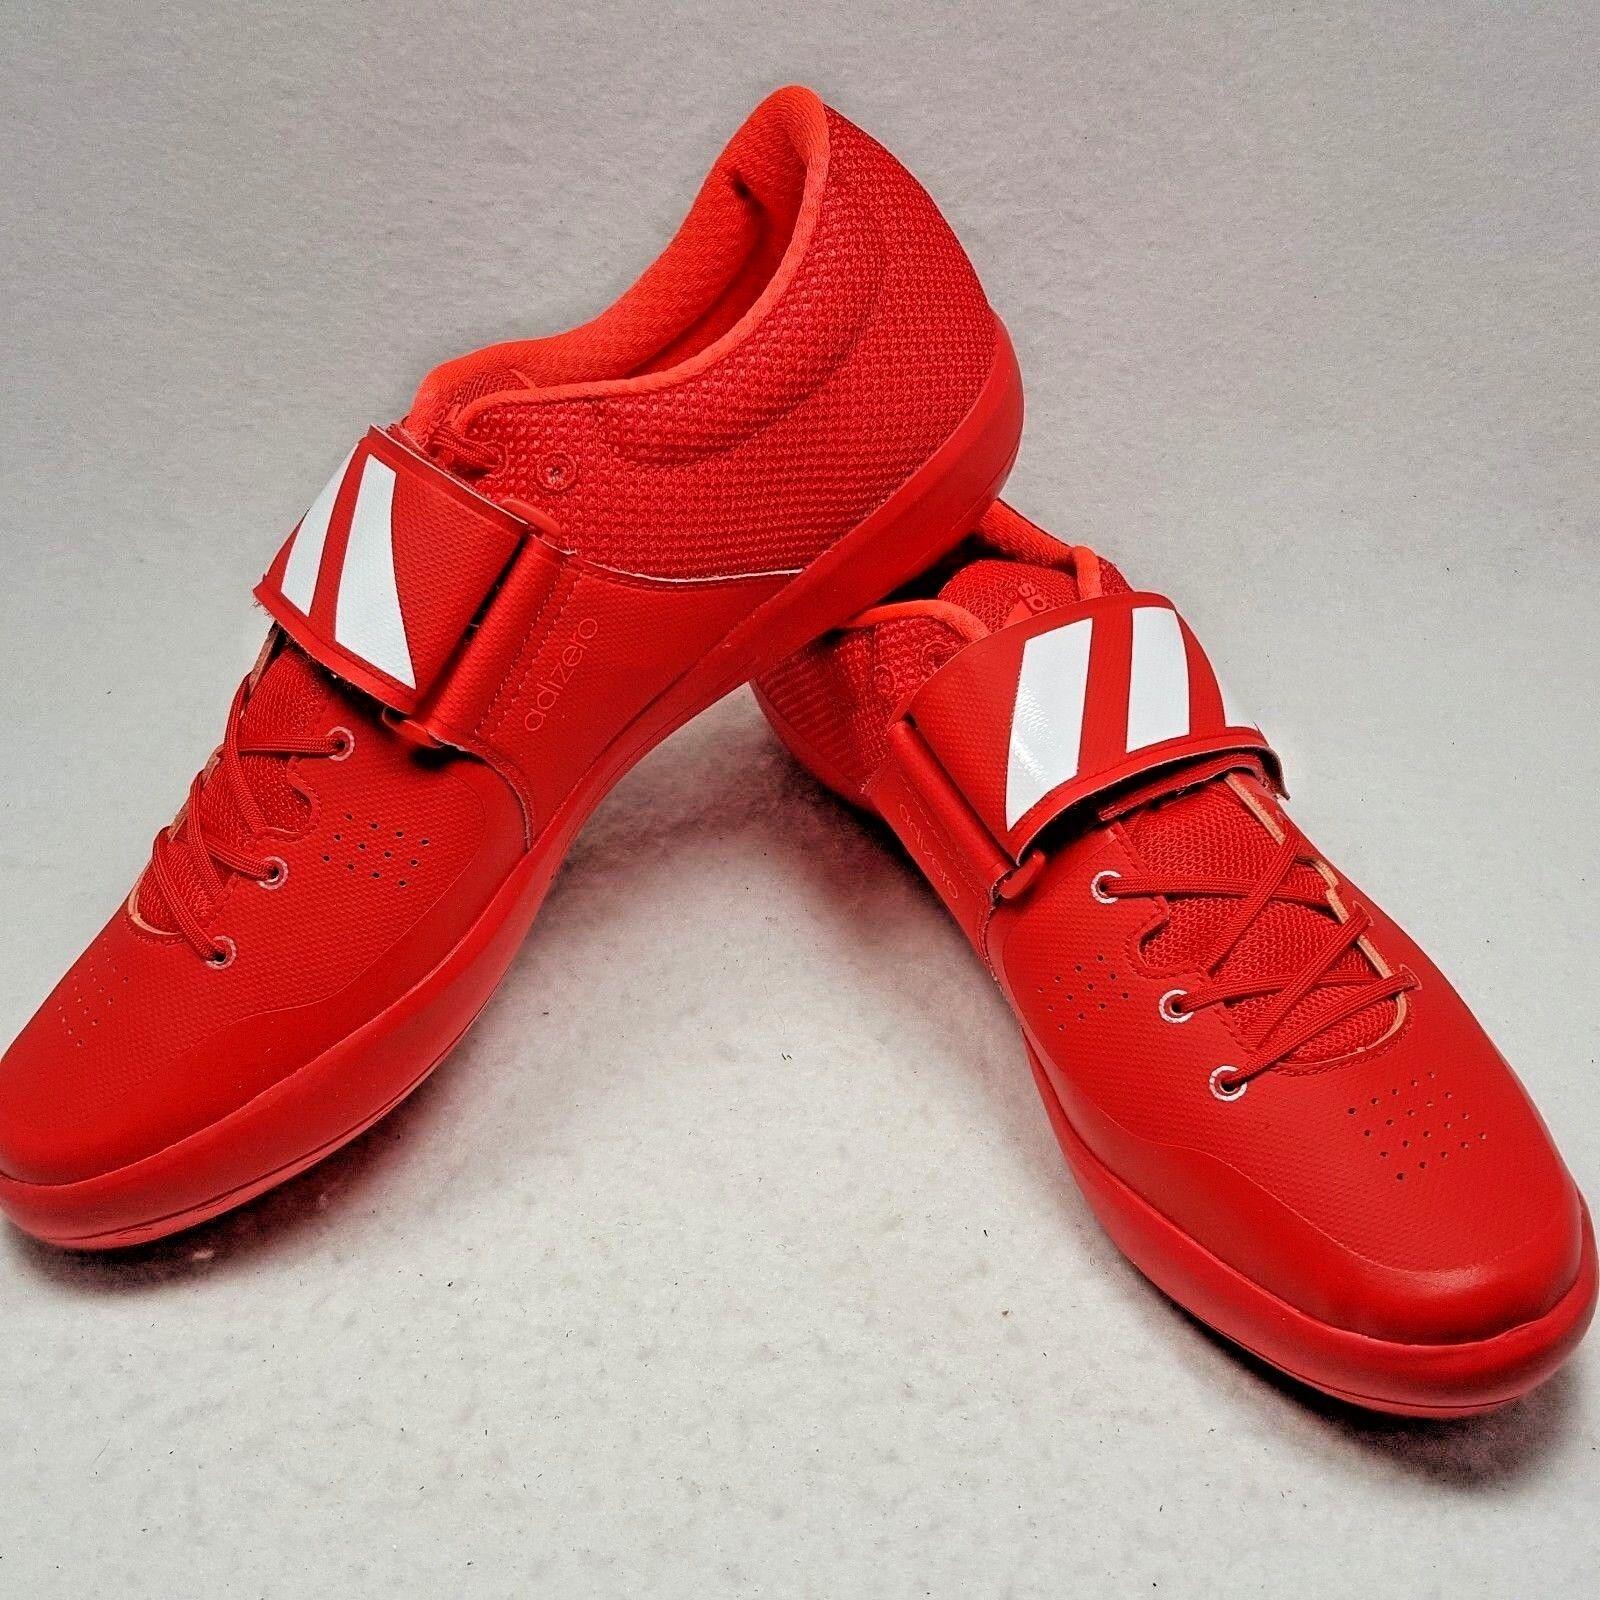 Adidas Adizero Rio Shotput 2 Discus Hammer pista Zapato Rojo Hombre Talla 10.5